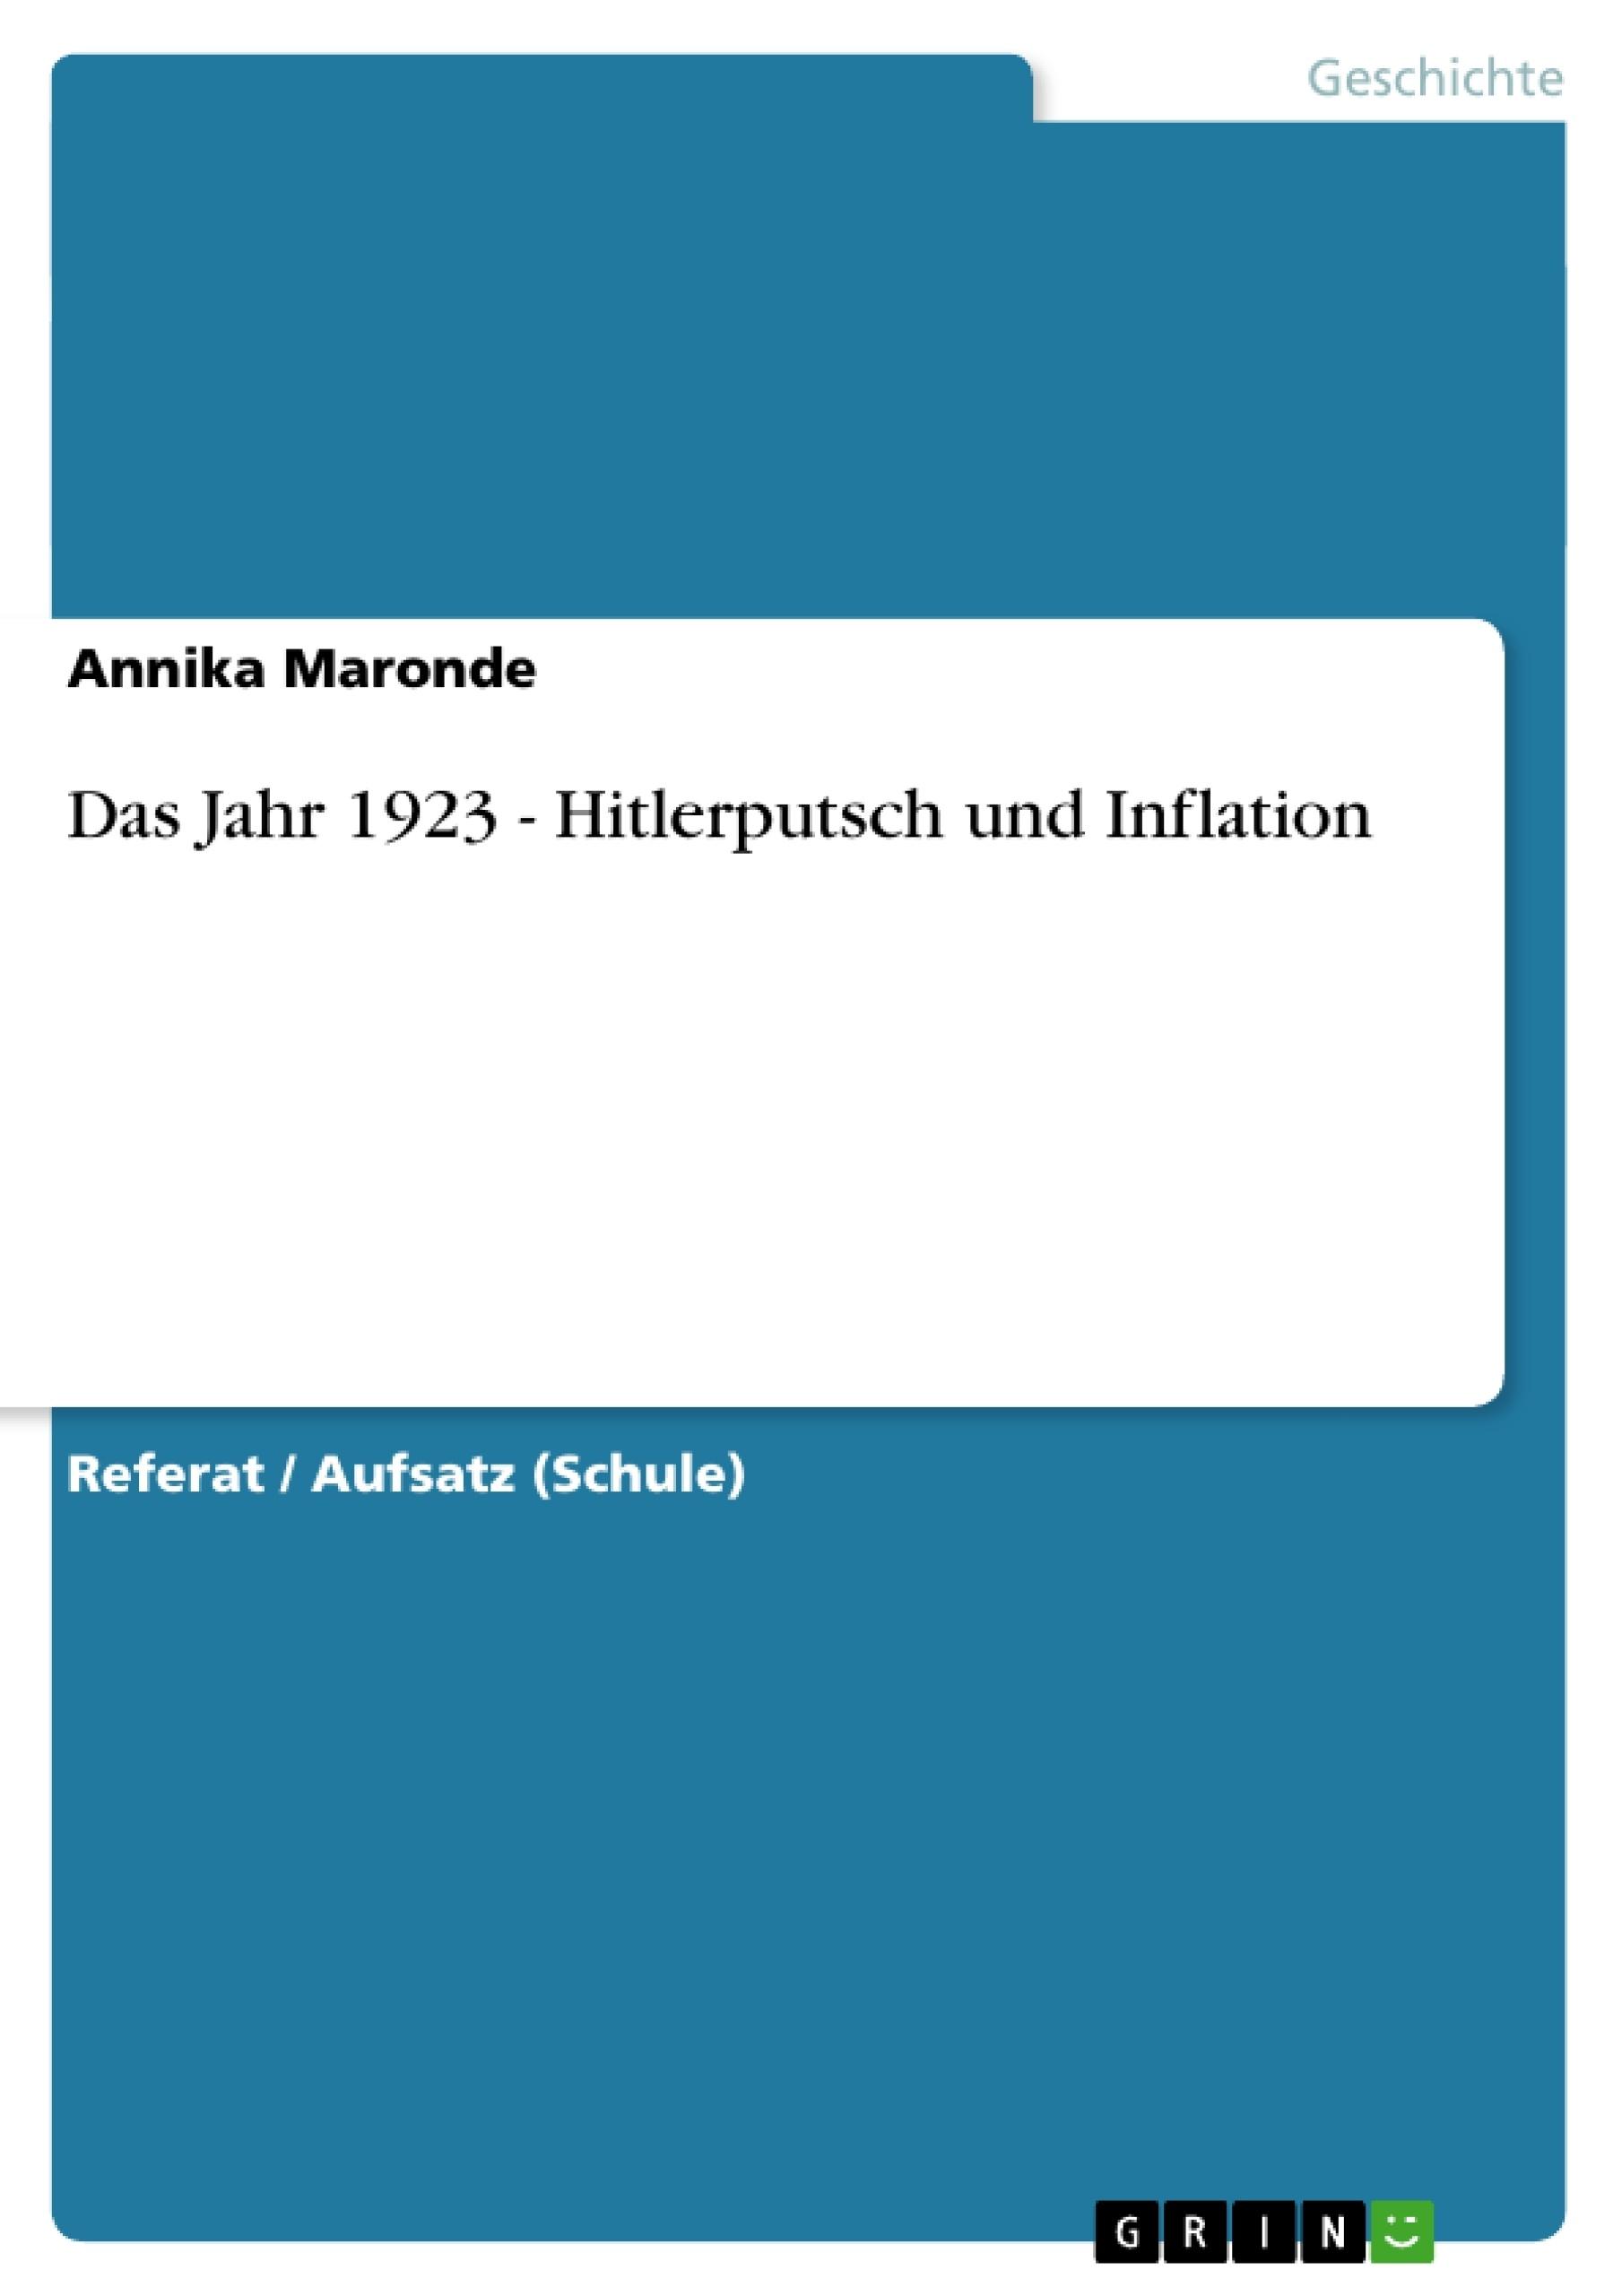 Titel: Das Jahr 1923 - Hitlerputsch und Inflation